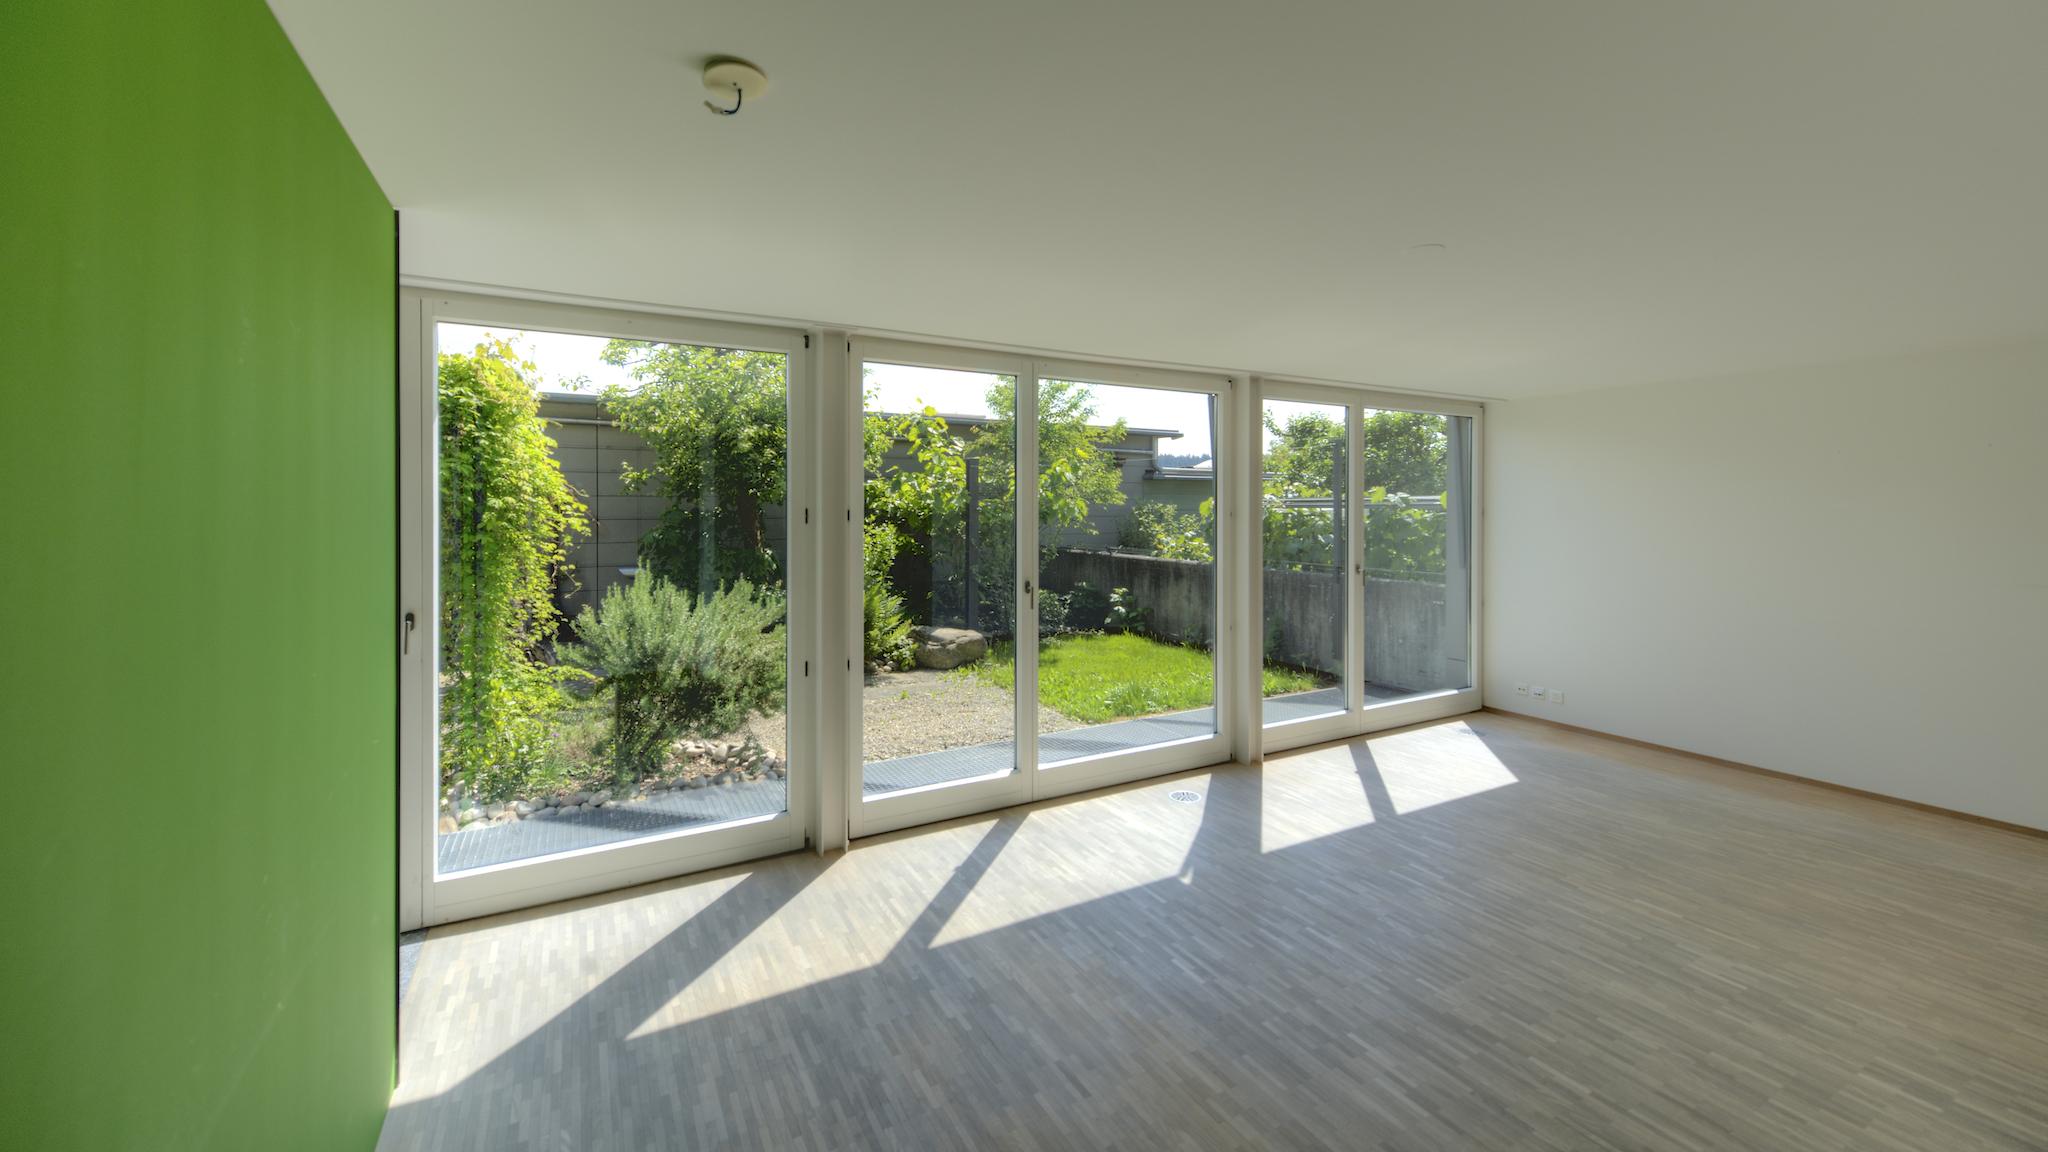 """Wohnzimmer mit Blick in den """"atriumartigen"""" Garten"""